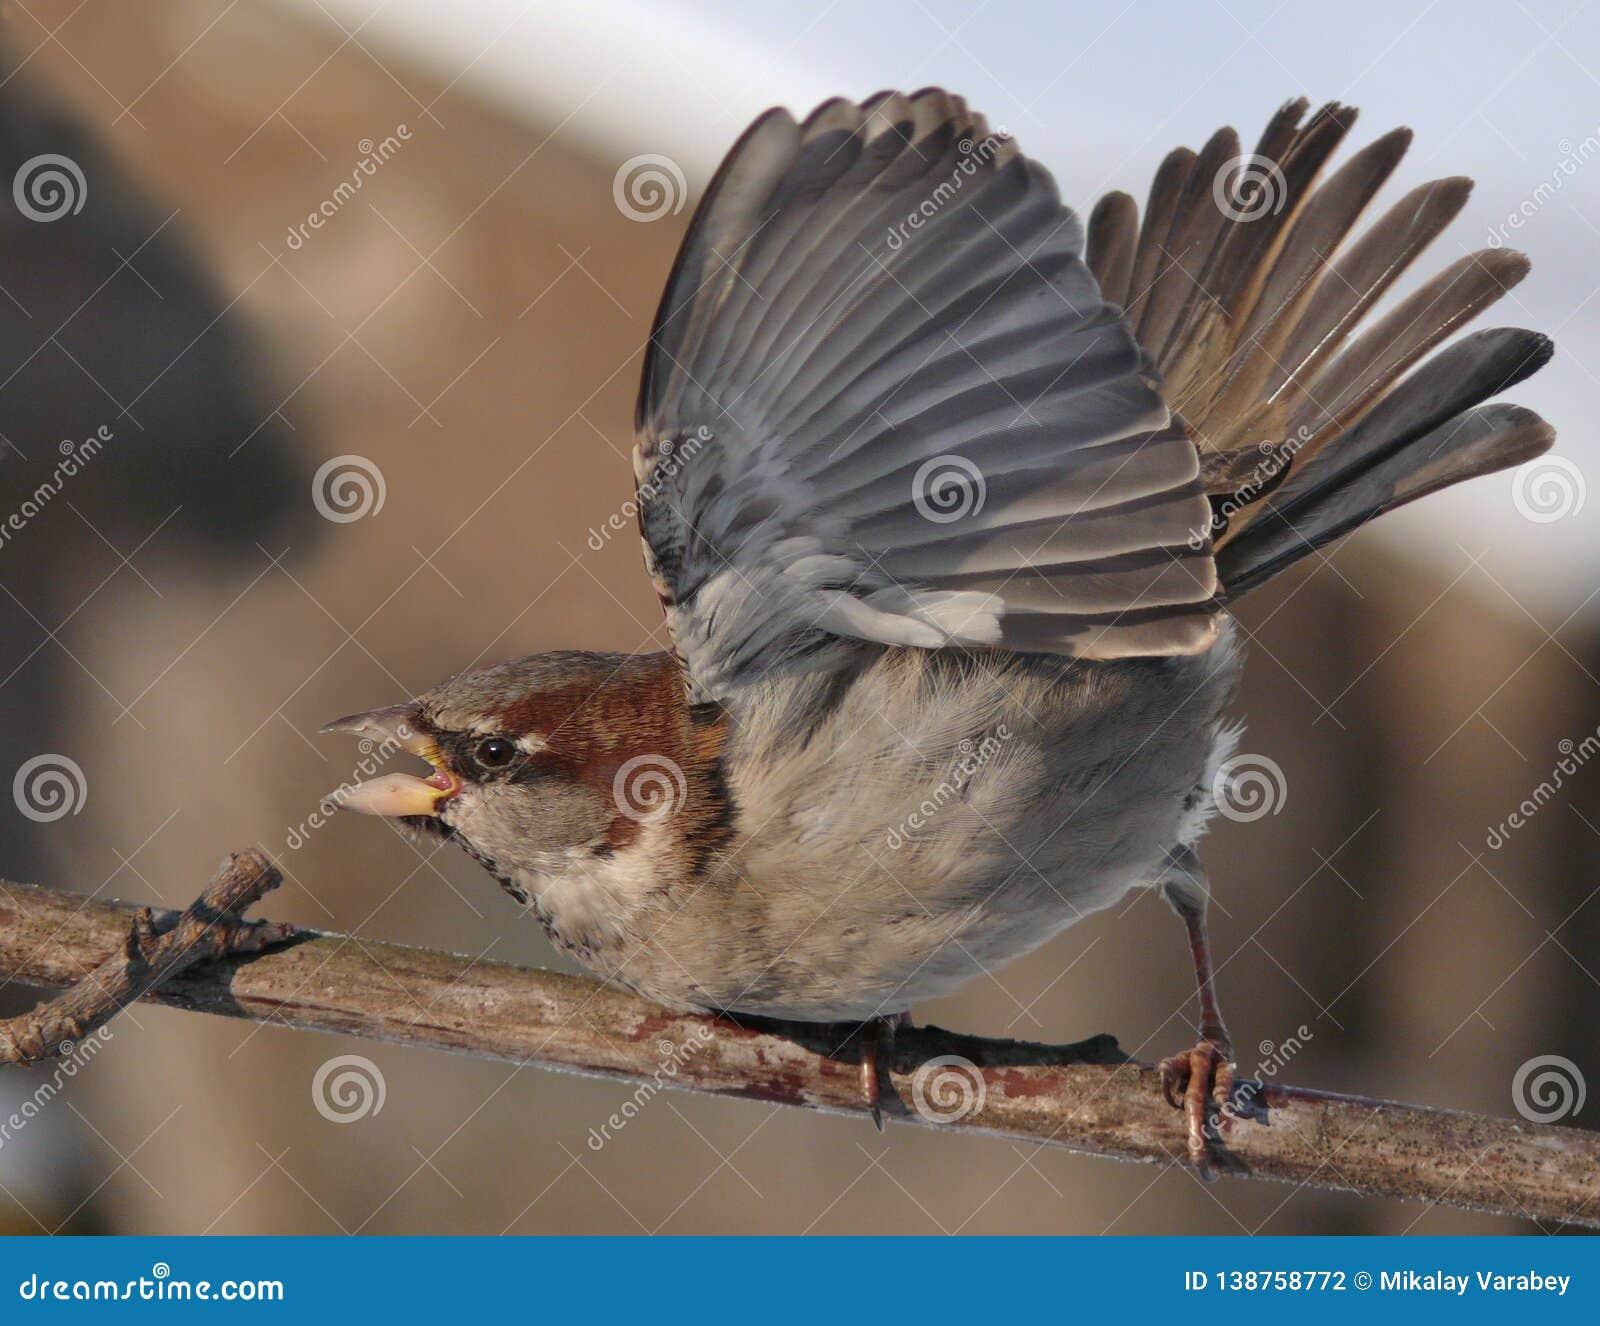 Δύναμη σπουργιτιών σπιτιών και επίδειξη δύναμης με τα ανυψωμένα φτερά